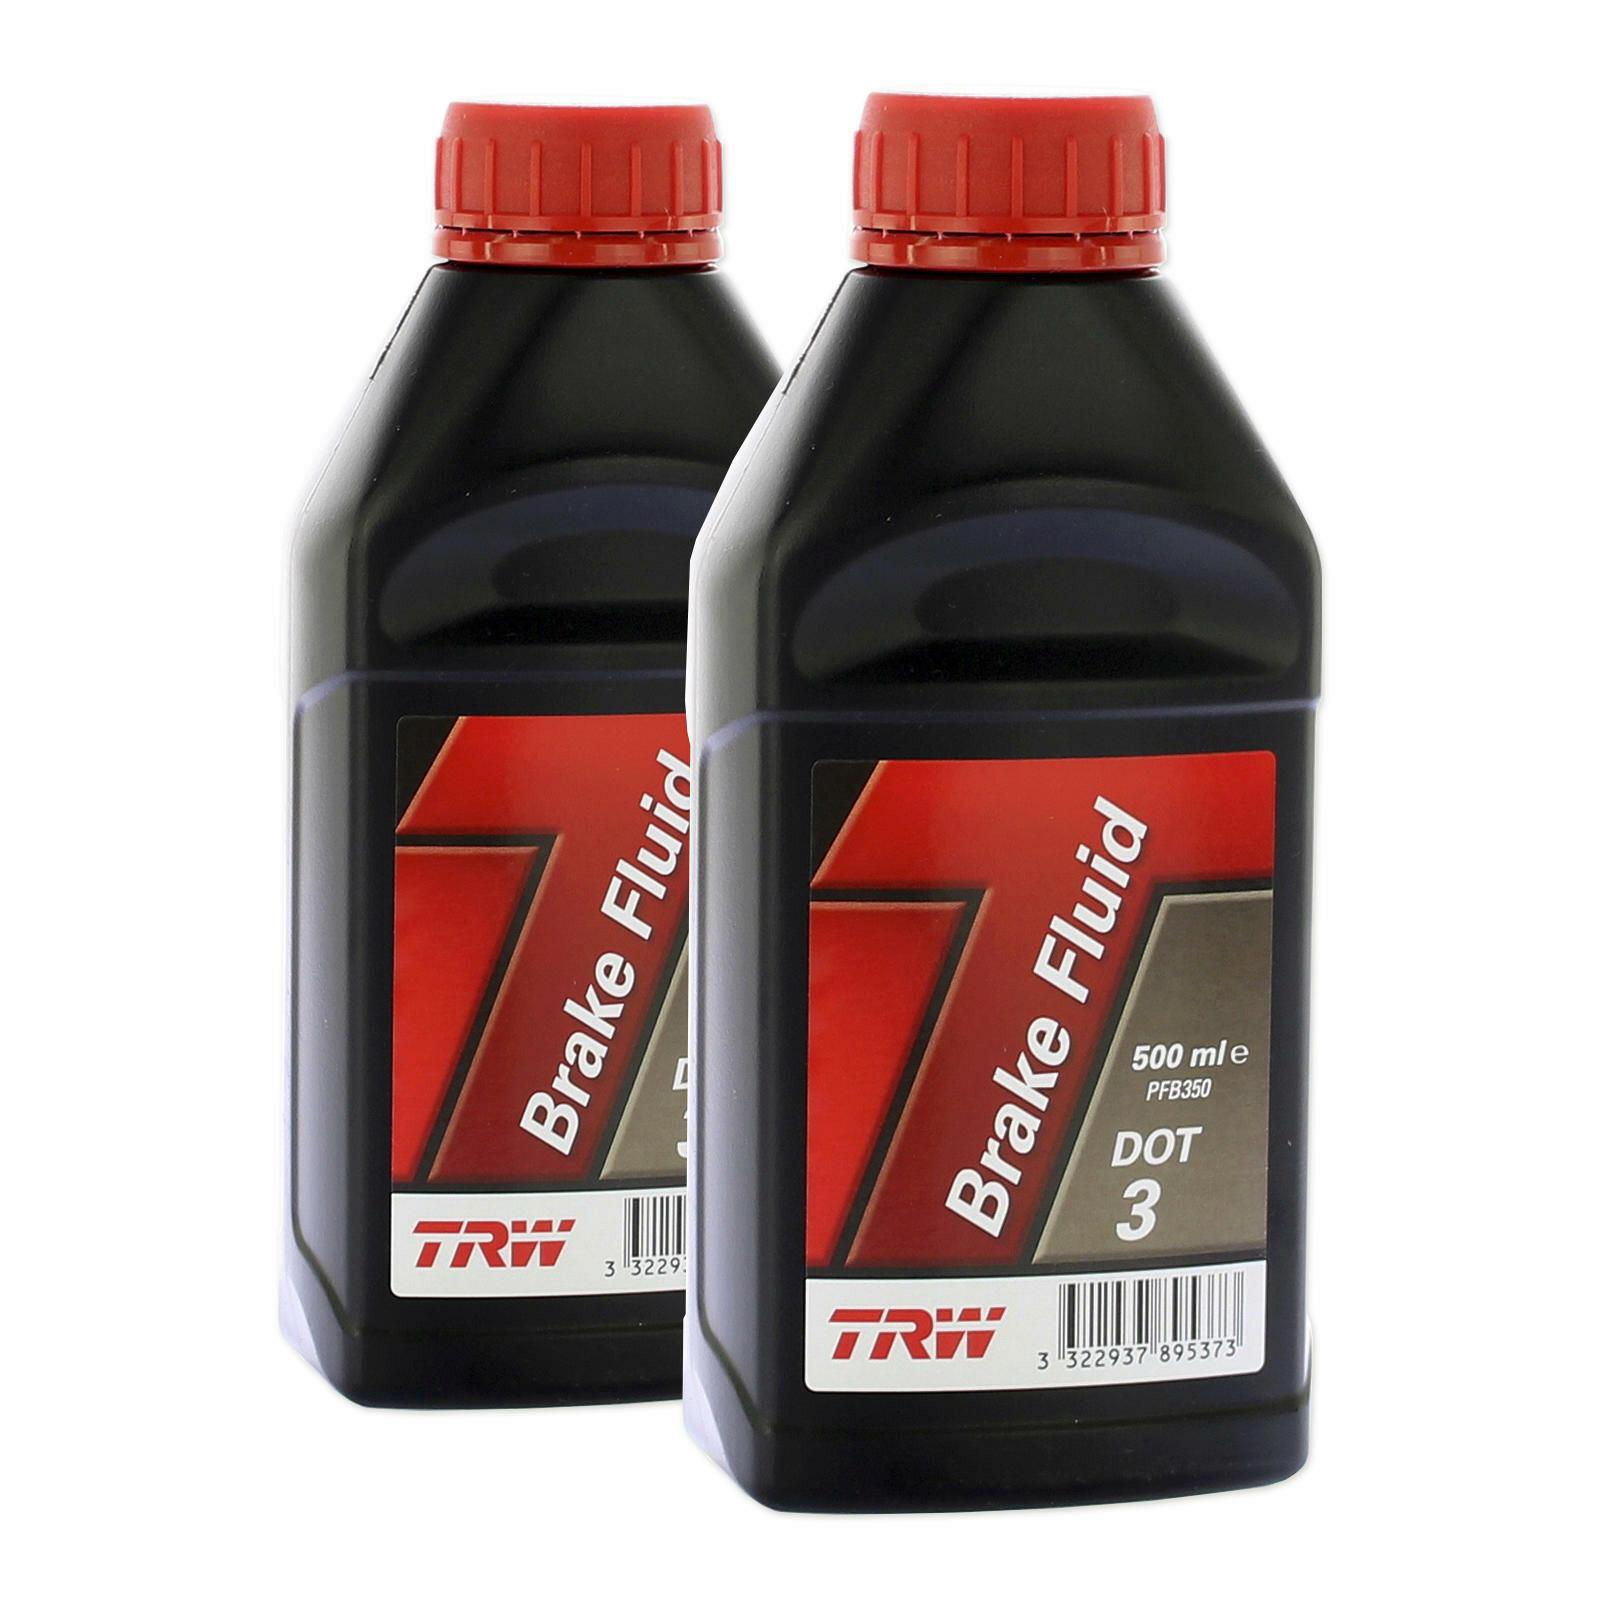 2x TRW Bremsflüssigkeit DOT 3 500ml